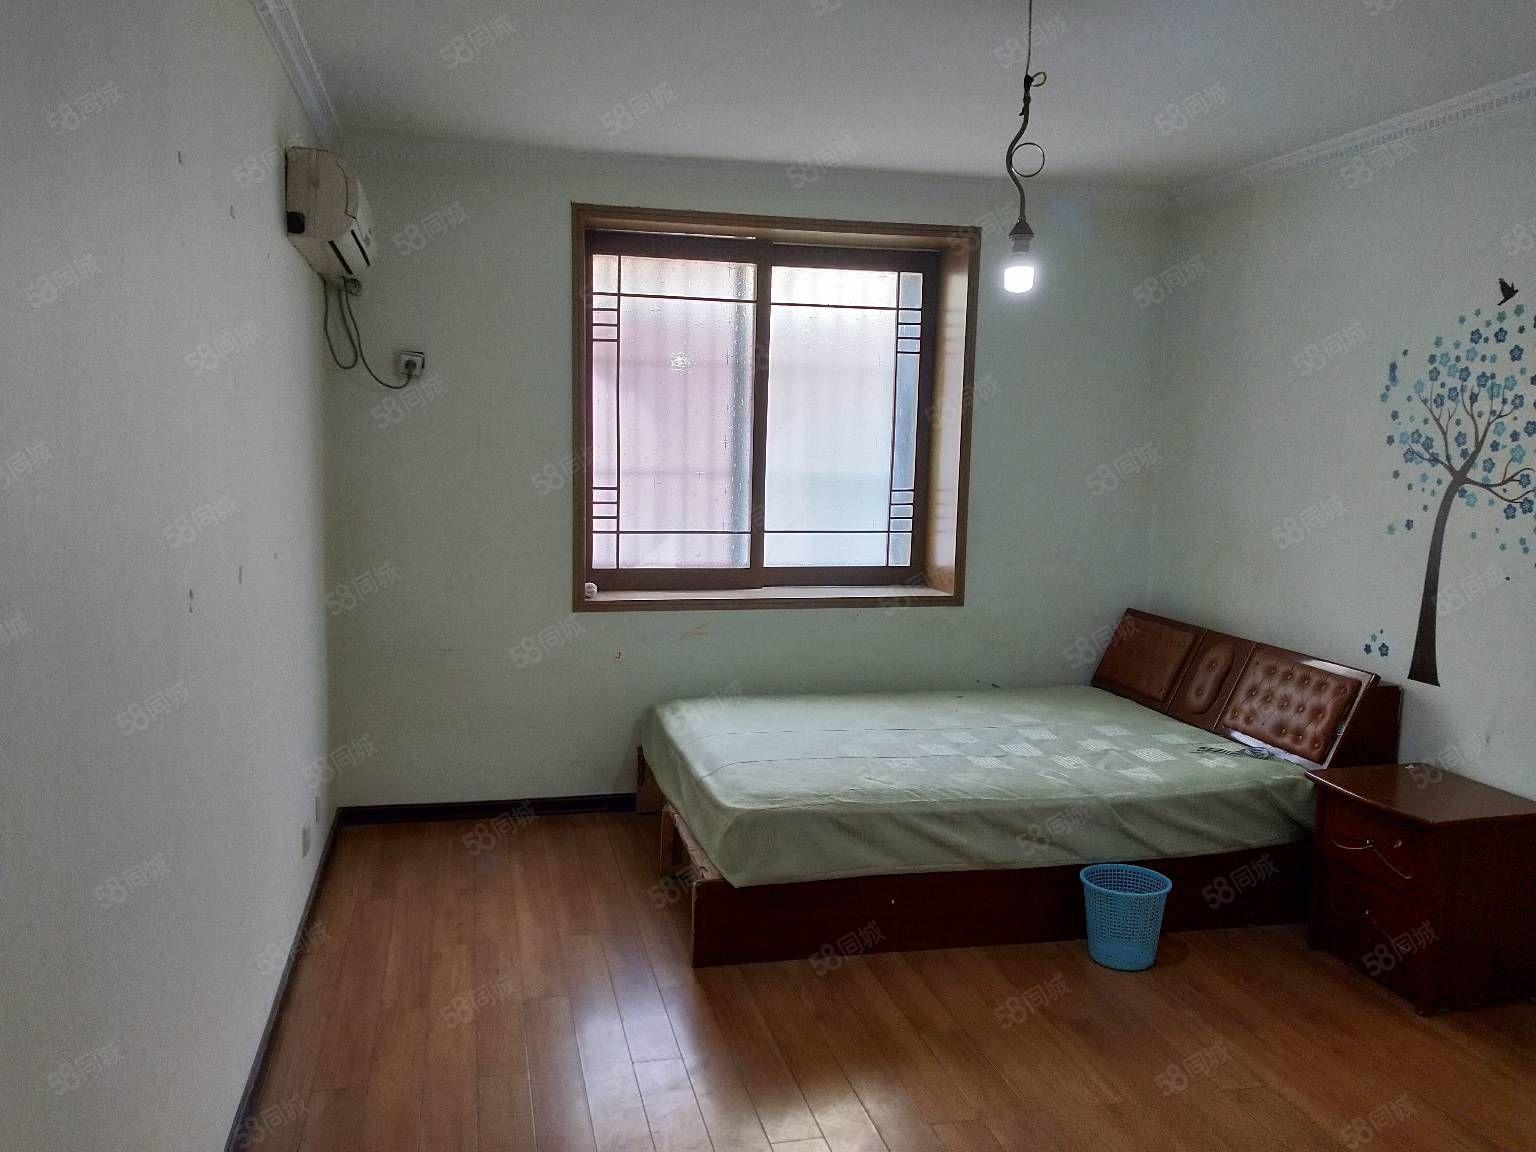 天潤苑高層兩室96平滿五唯一,有鑰匙隨時看房67萬